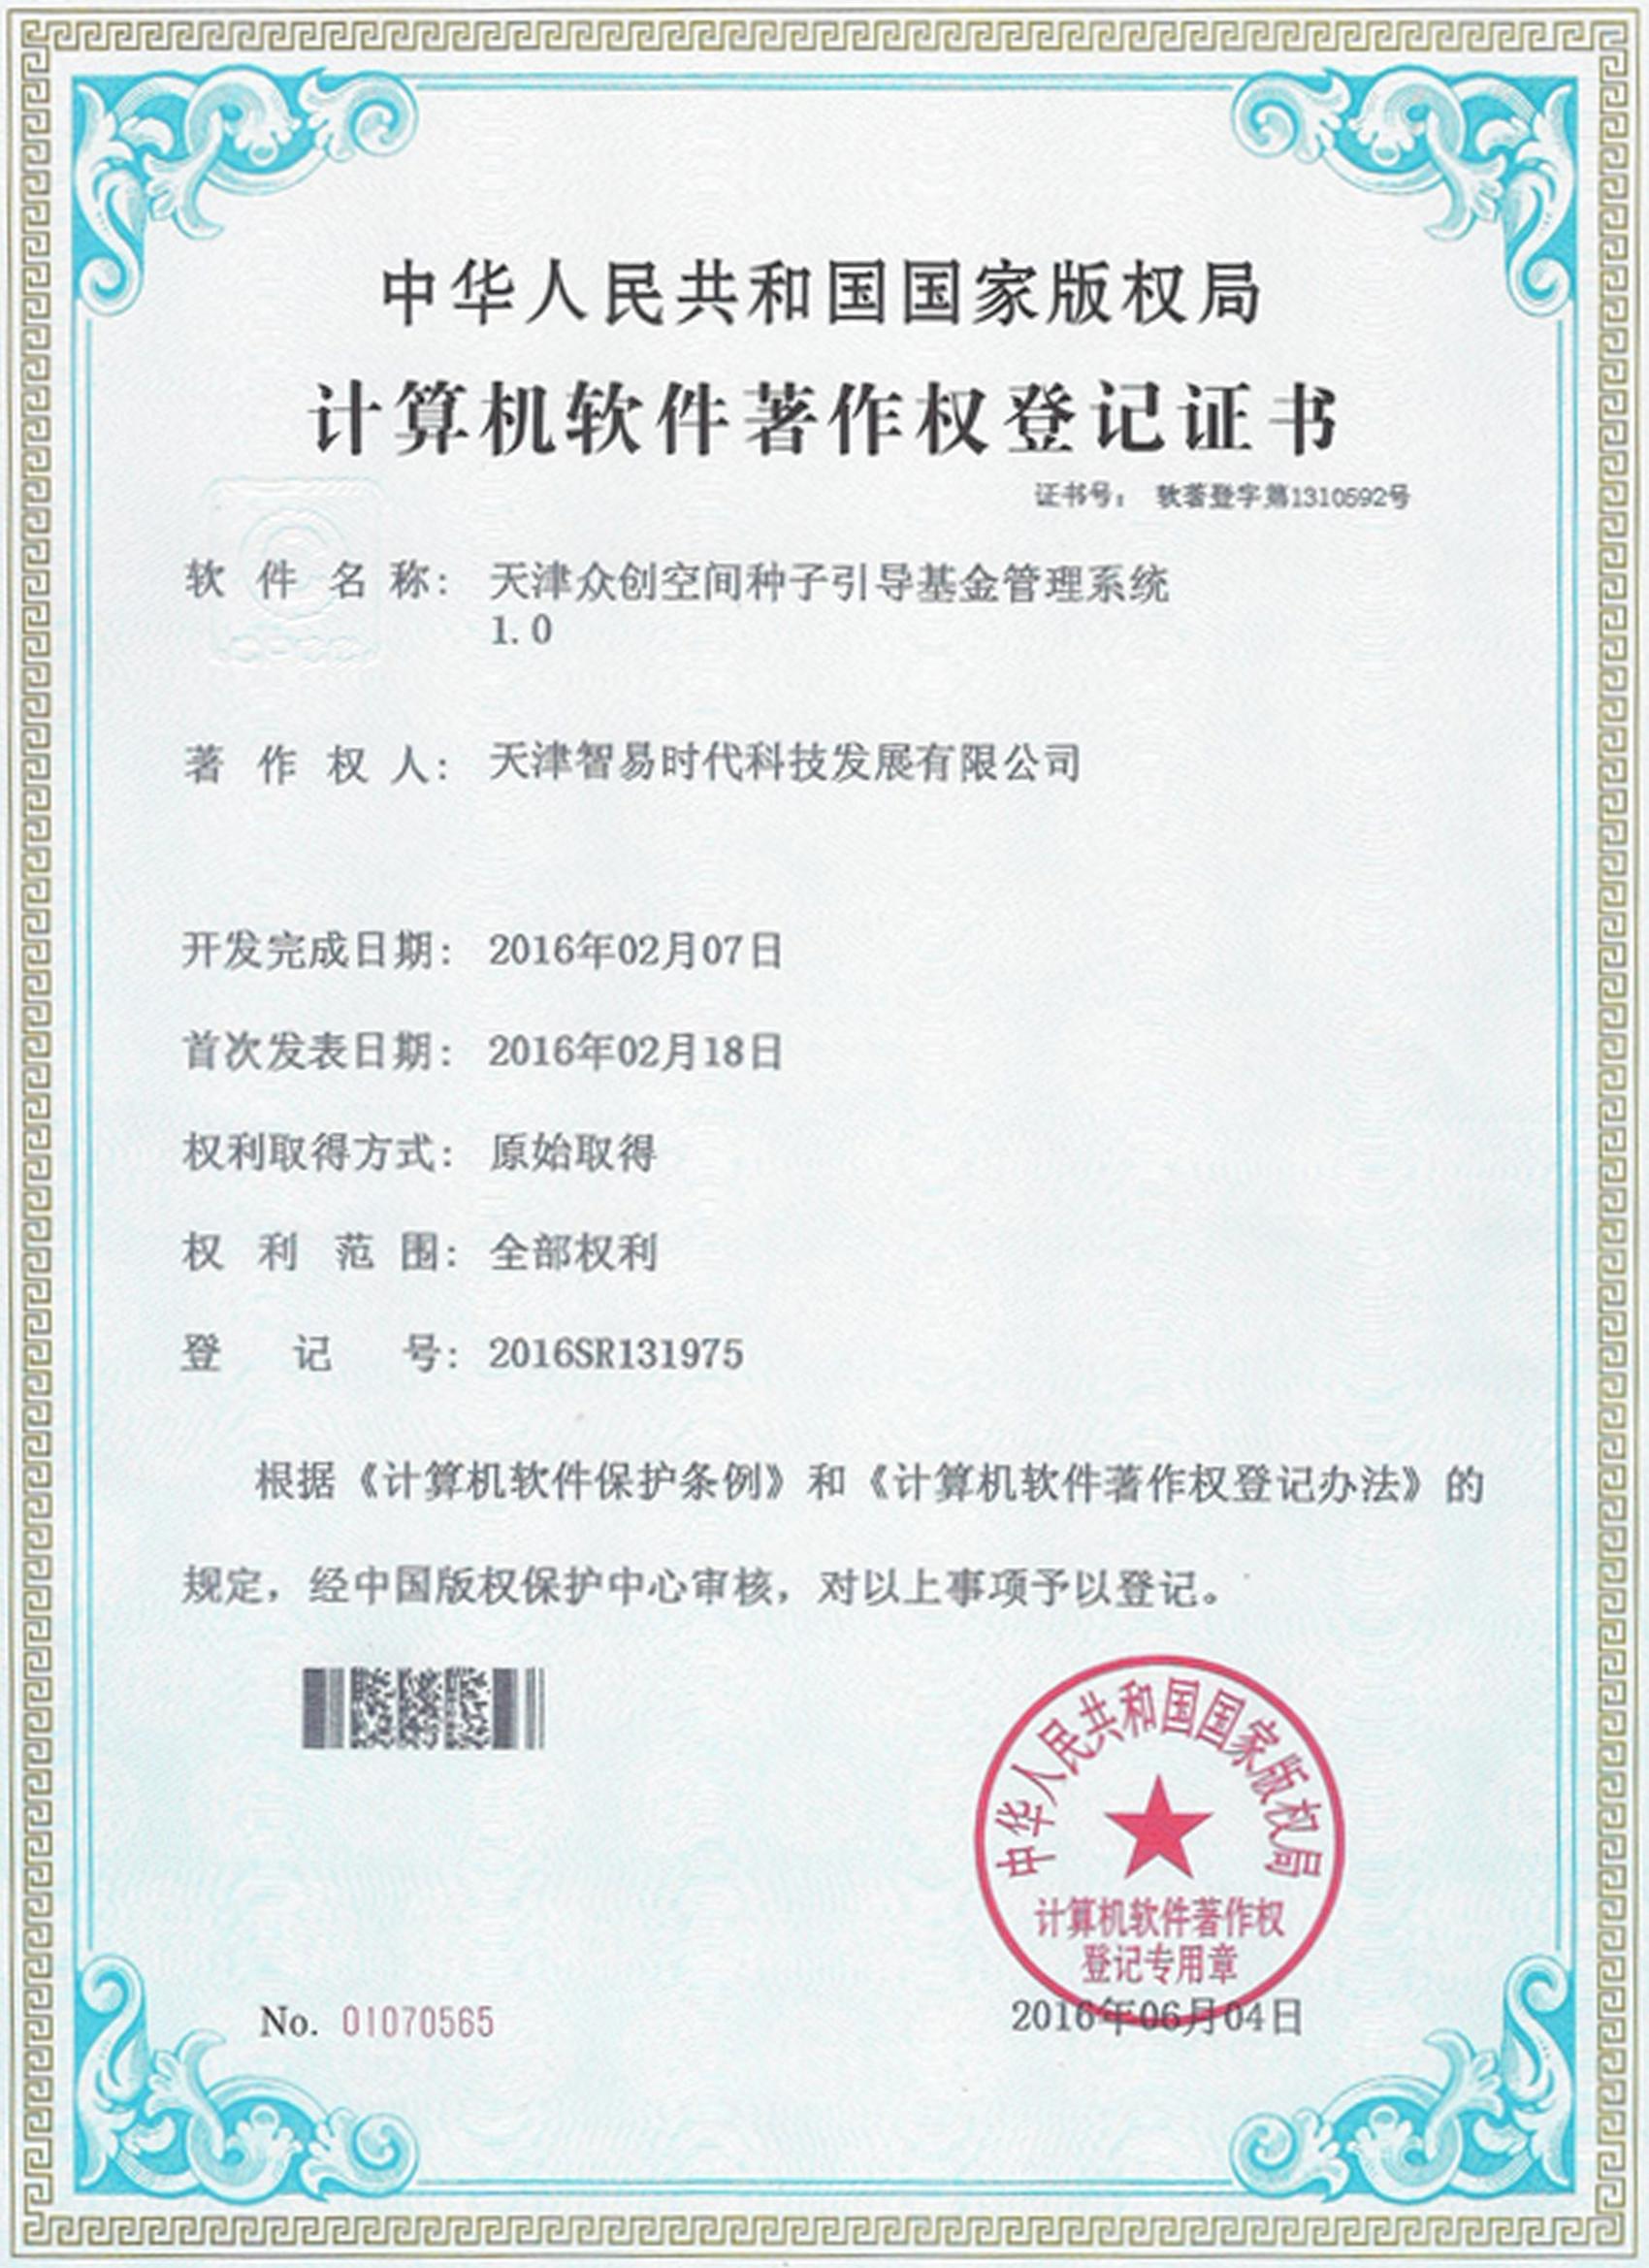 天津众创空间种子引导基金管理系统